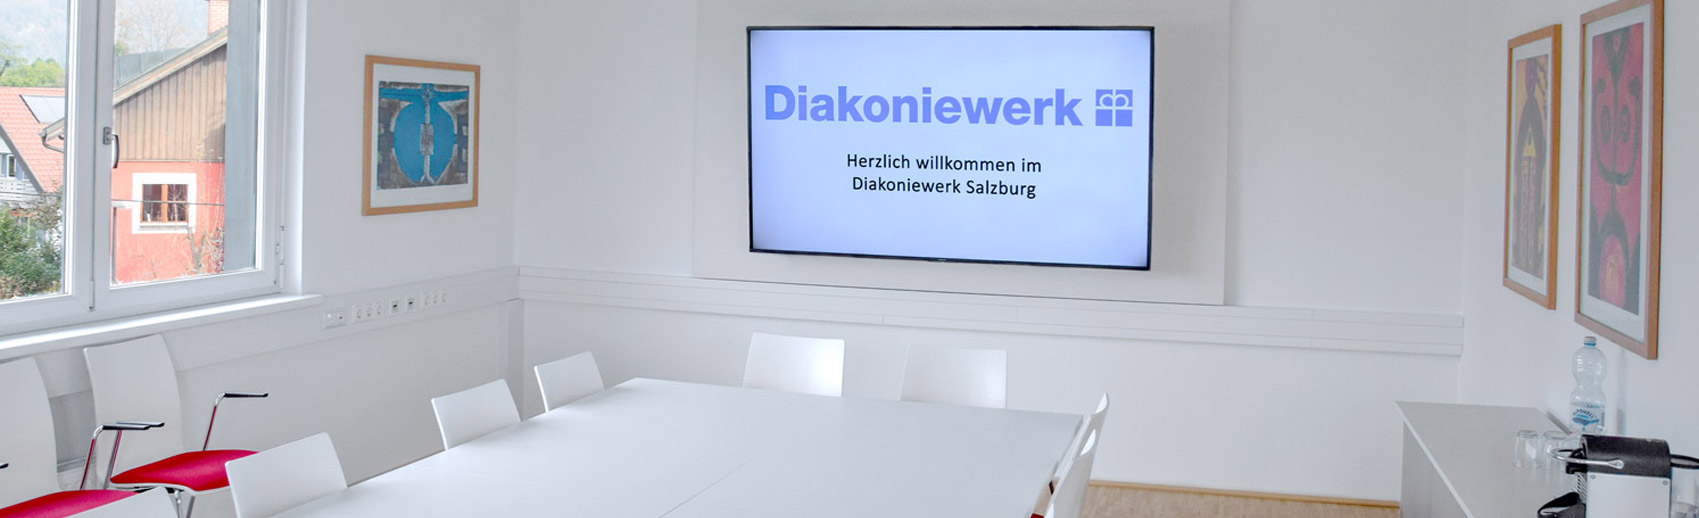 Besprechungsraum im Diakoniewerk Salzburg